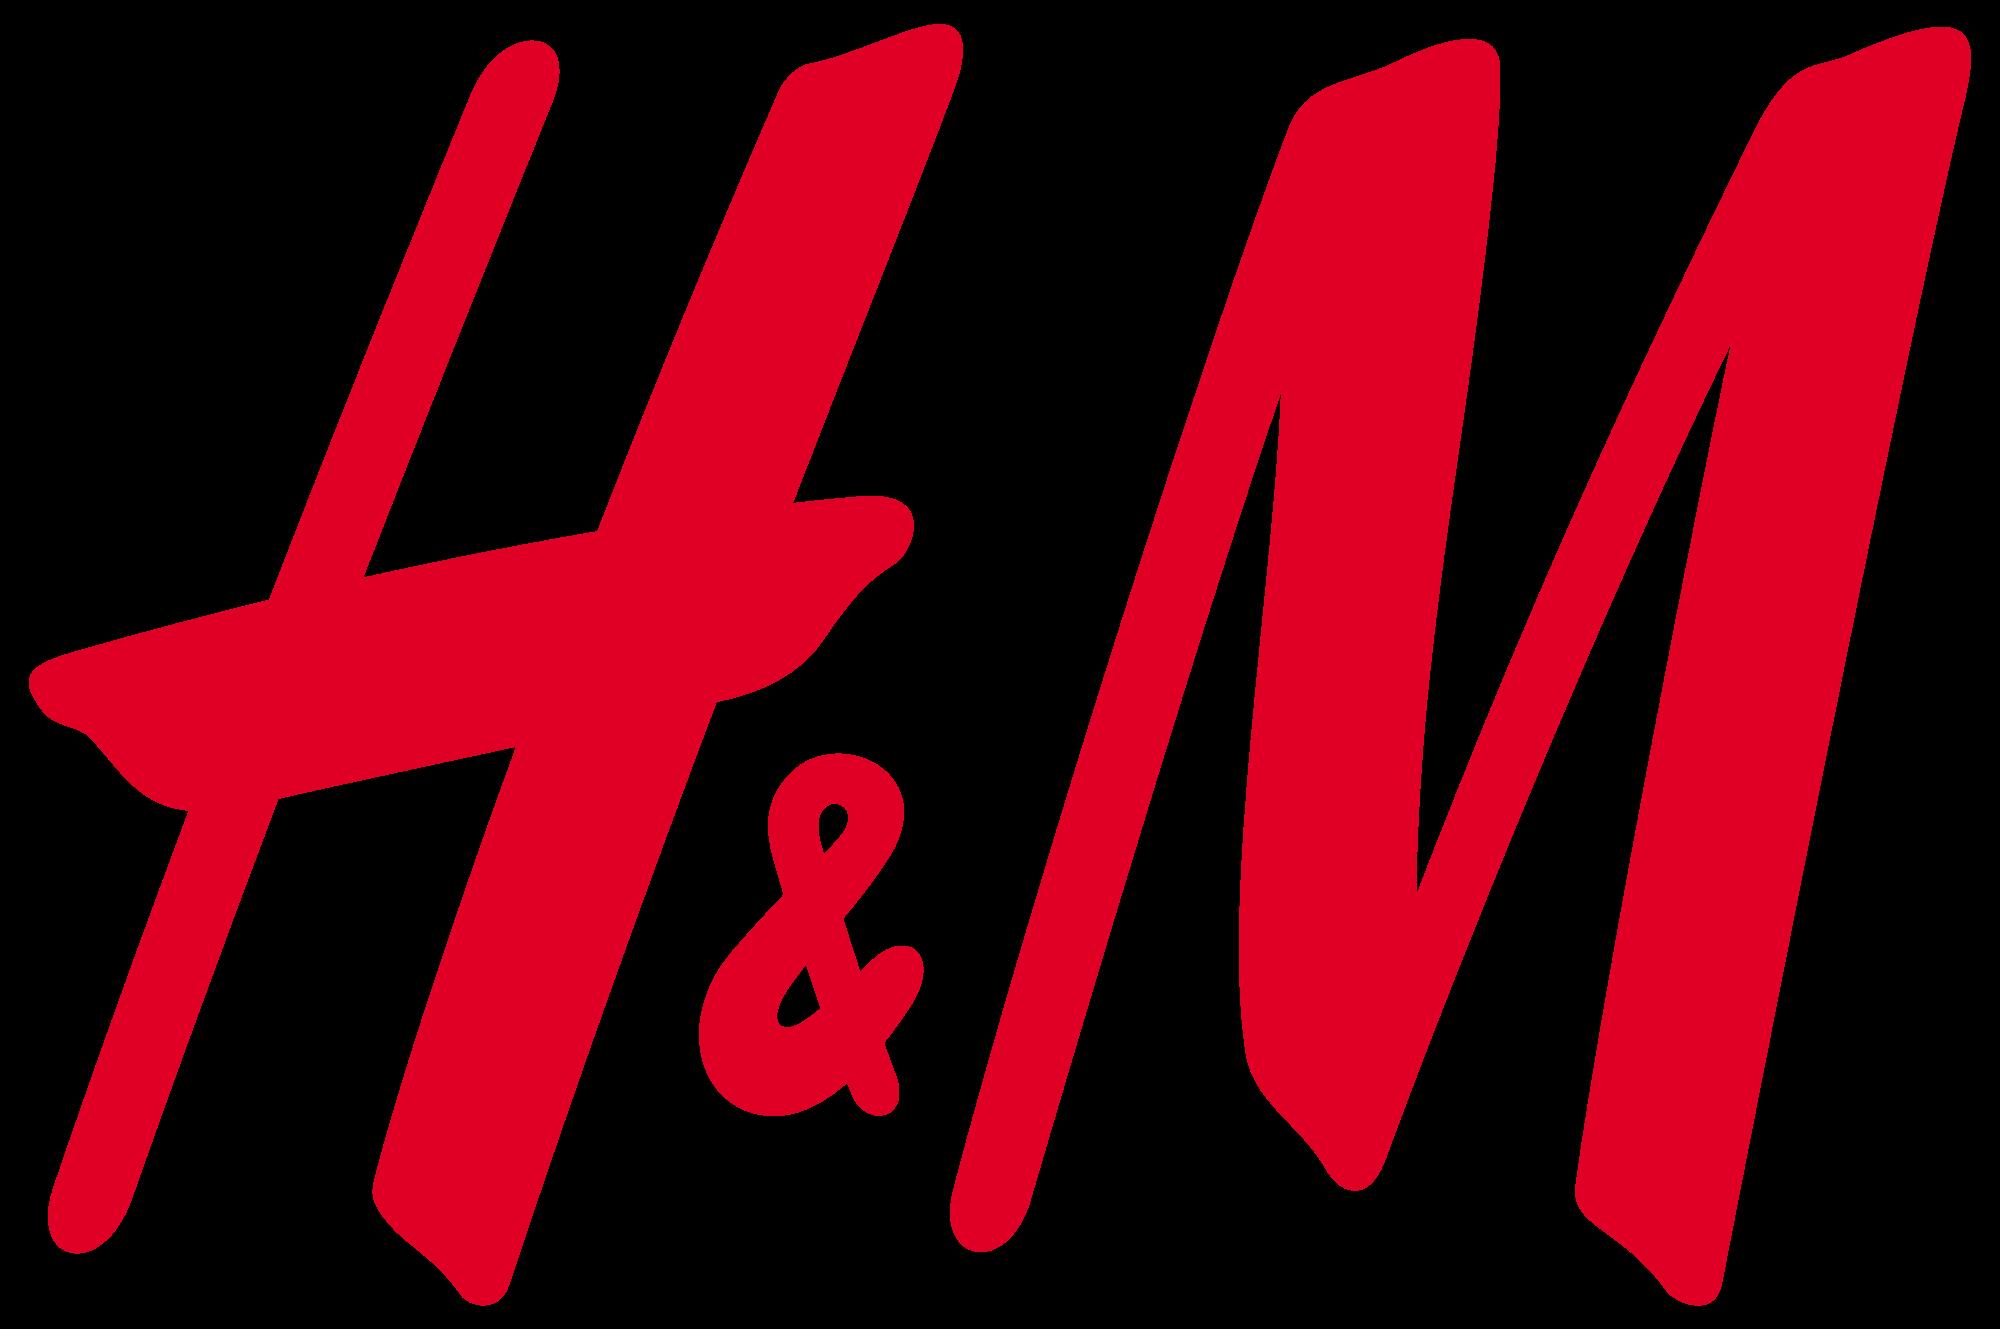 H&m Clipart.